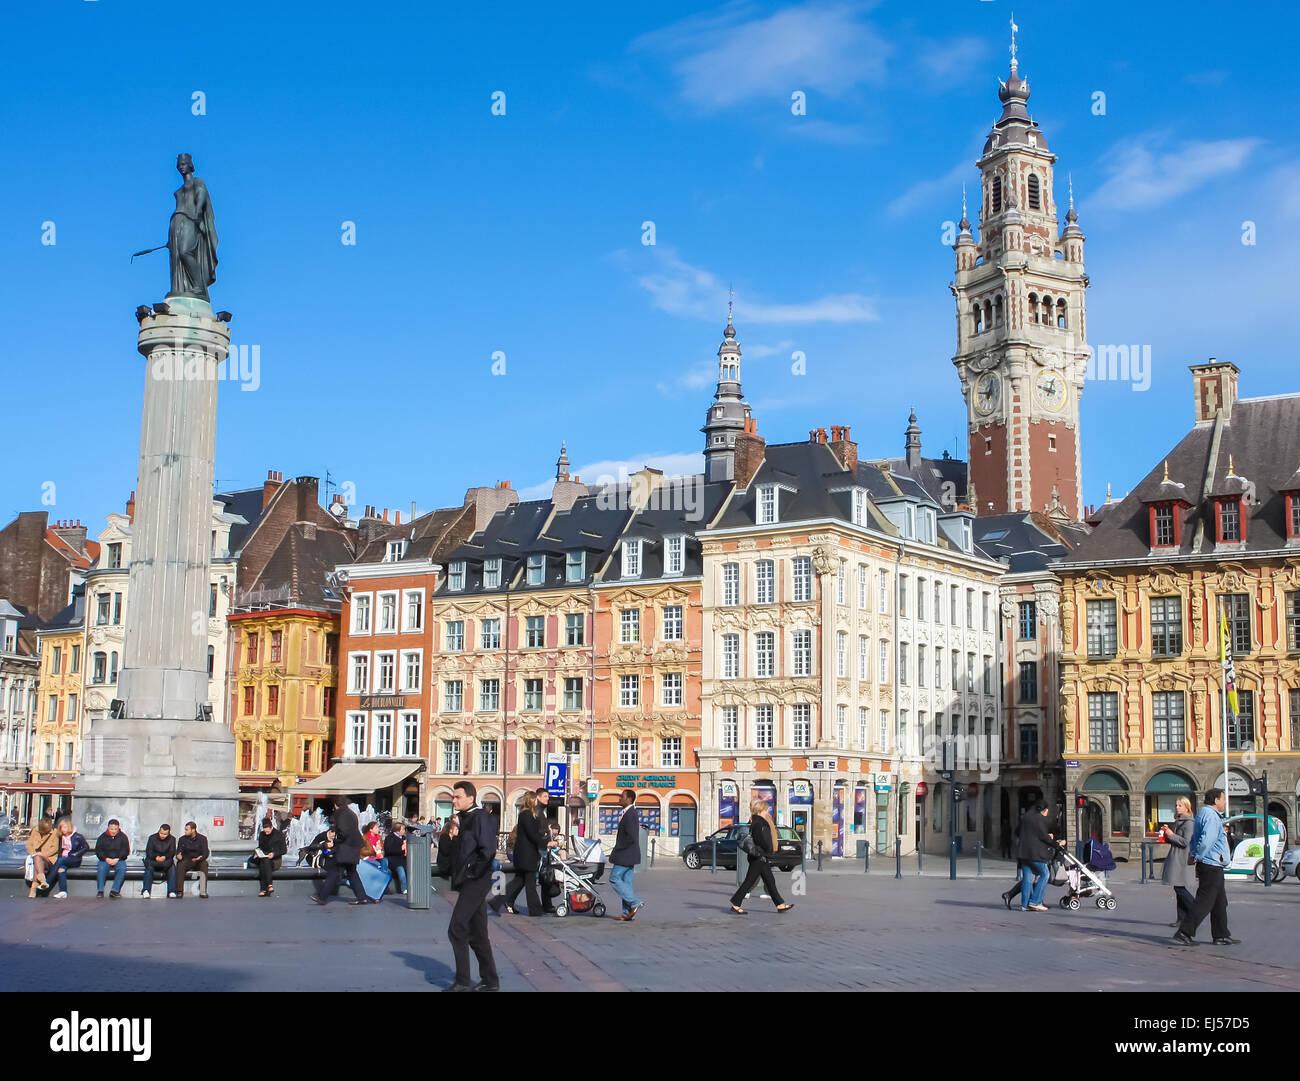 Chambre de Commerce y la estatua y columna de Deesse (1845) en el lugar que el General de Gaulle en Lille, Francia. Imagen De Stock